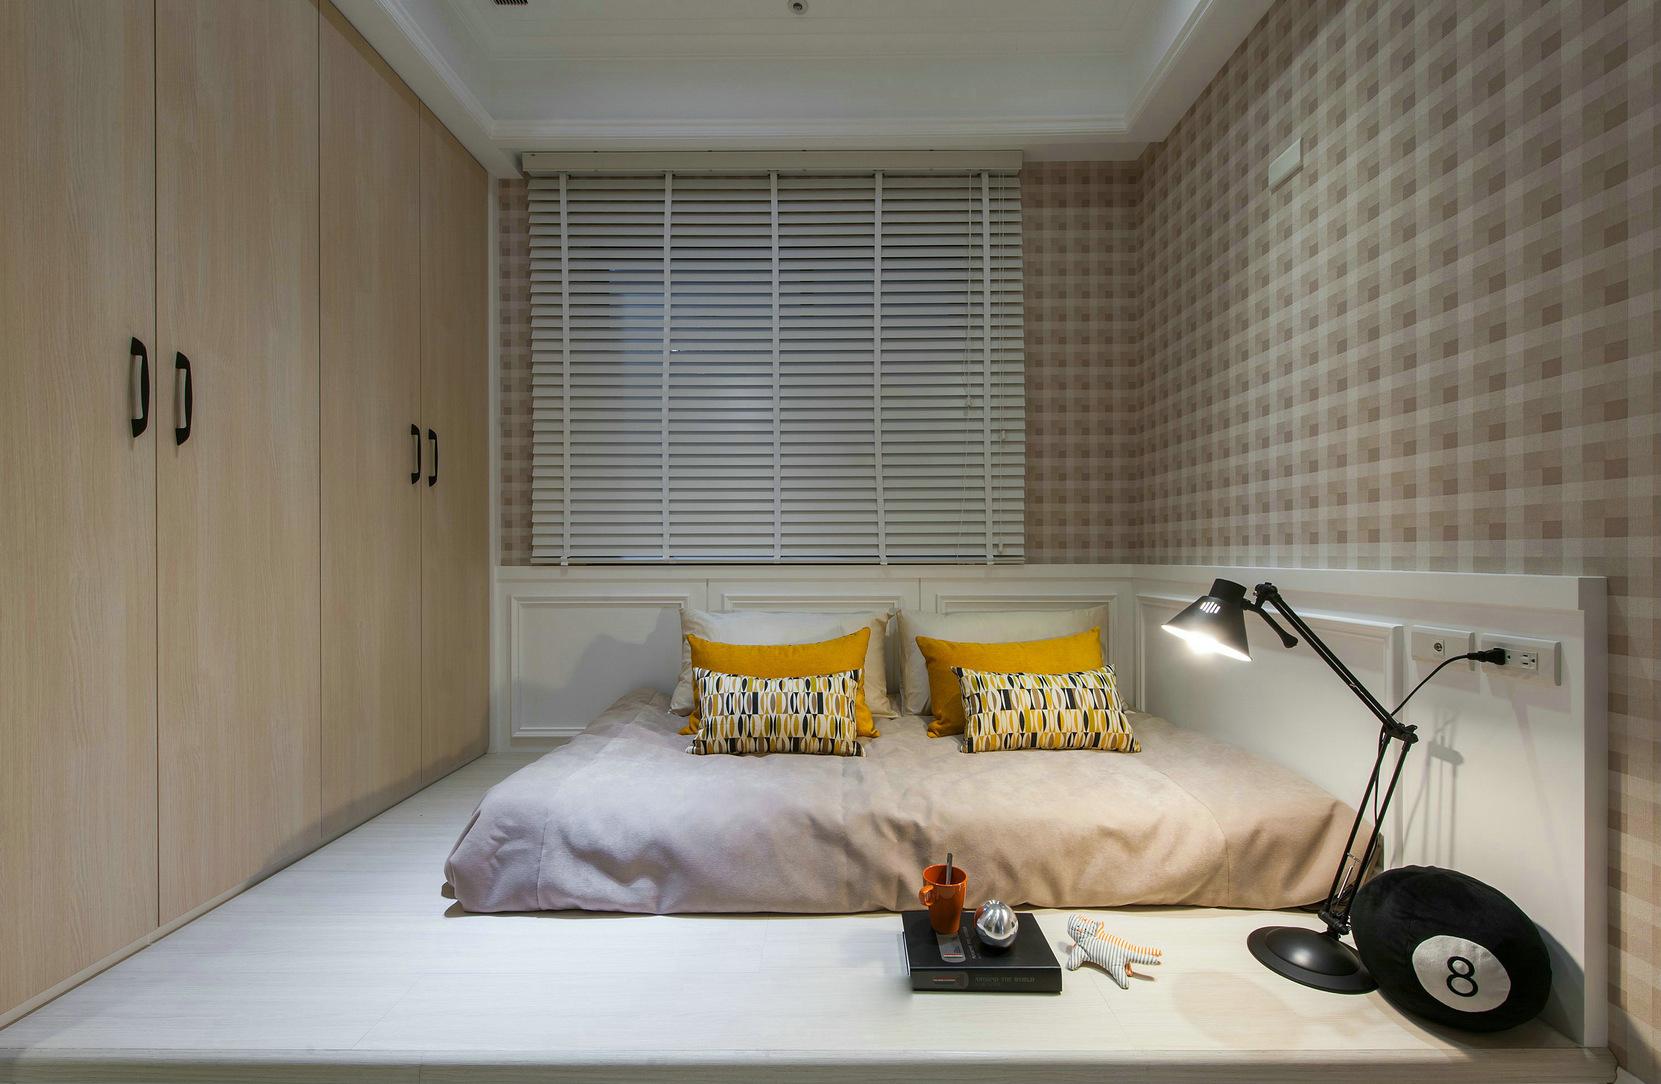 简约 欧式 旧房改造 收纳 卧室图片来自北京今朝装饰在简欧风的分享